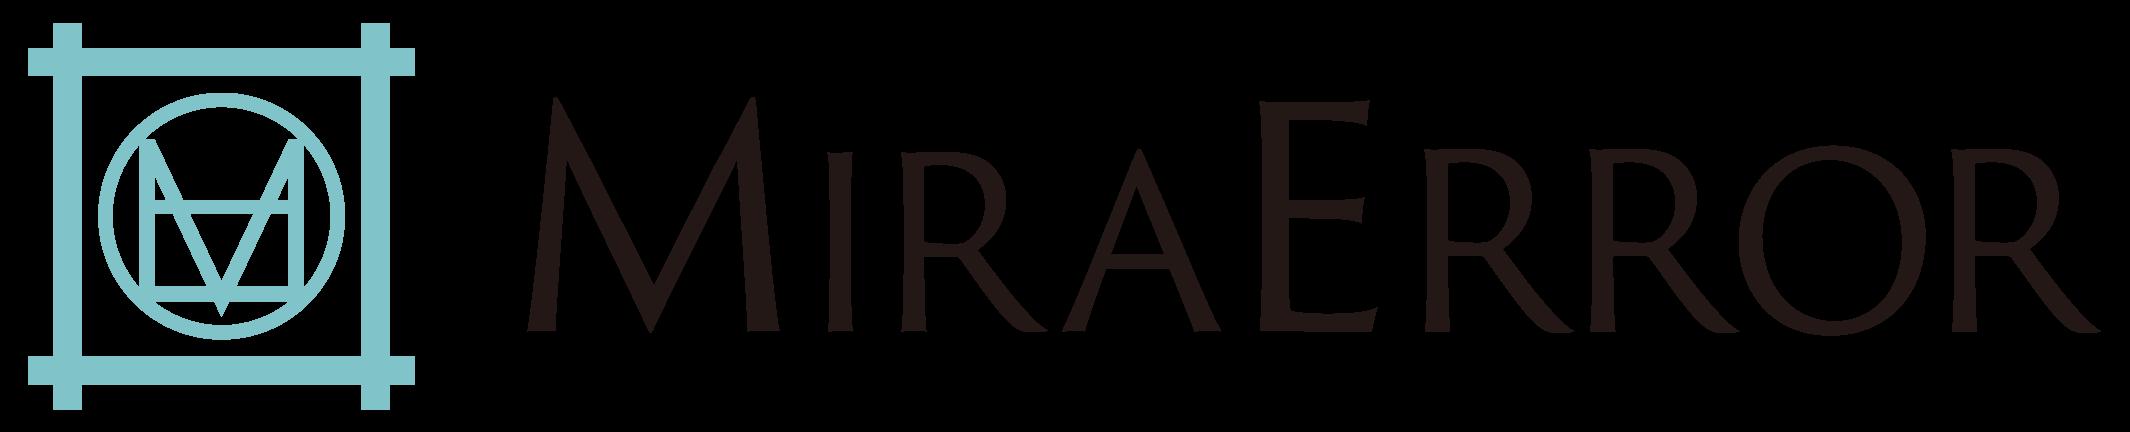 失敗を恐れる方へ経営者の経験から勇気を与えるメディアMiraError